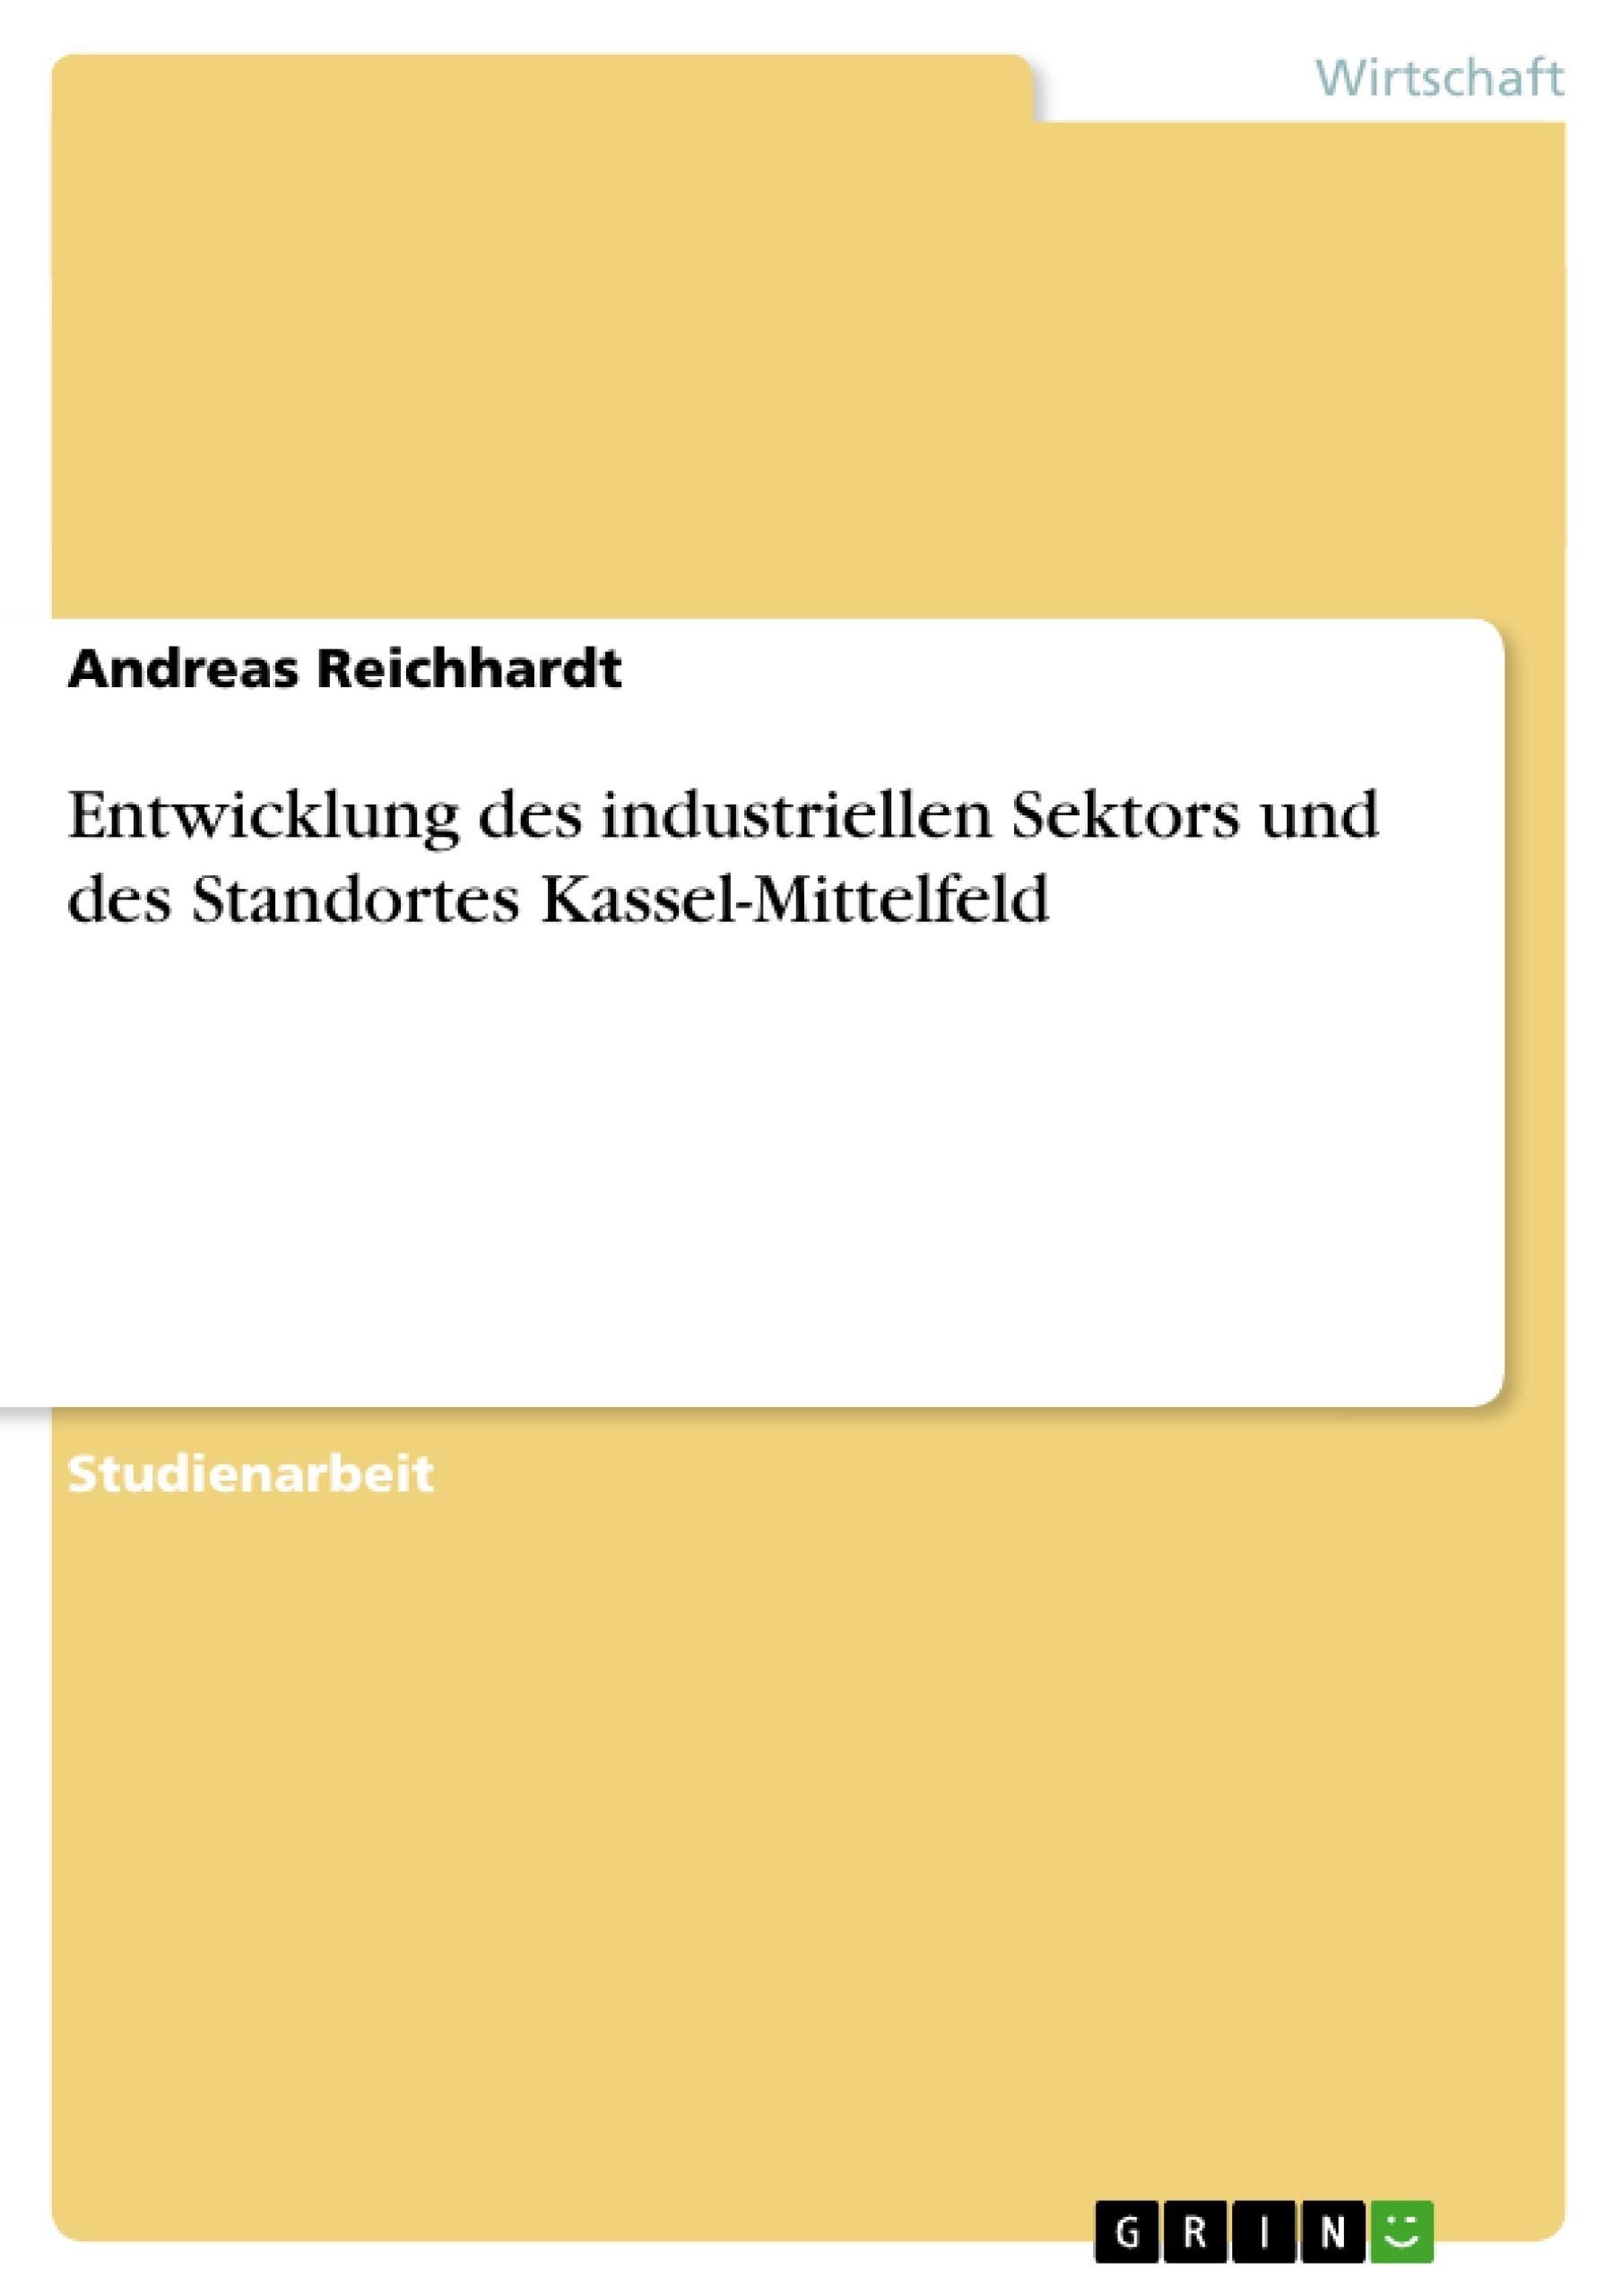 Titel: Entwicklung des industriellen Sektors und des Standortes Kassel-Mittelfeld